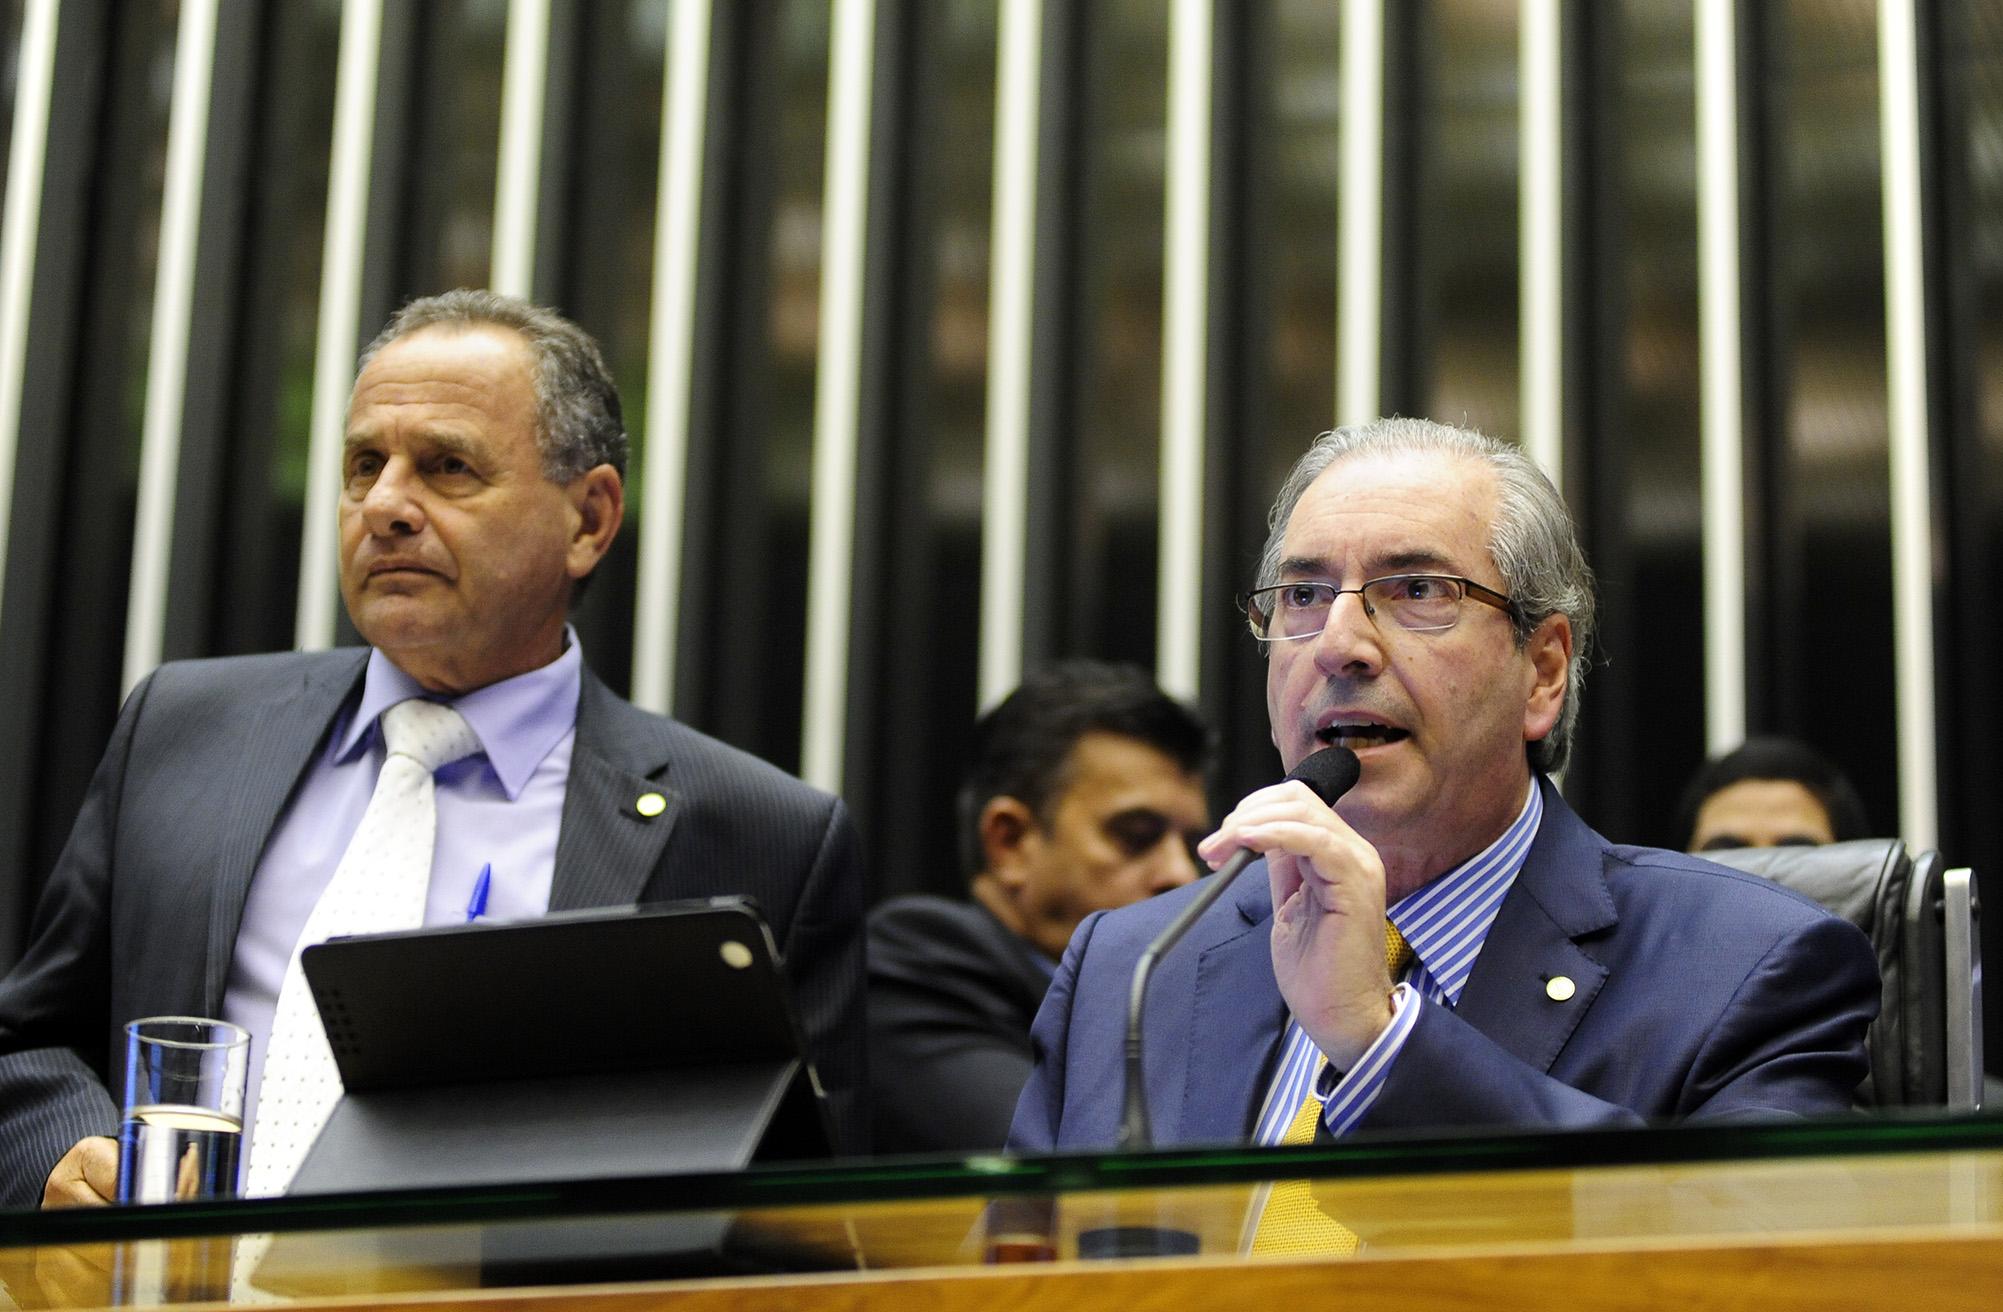 Eduardo Cunha anunciou demissão, após Cid Gomes deixar Plenário (FOTO: Gustavo Lima / Câmara dos Deputados)